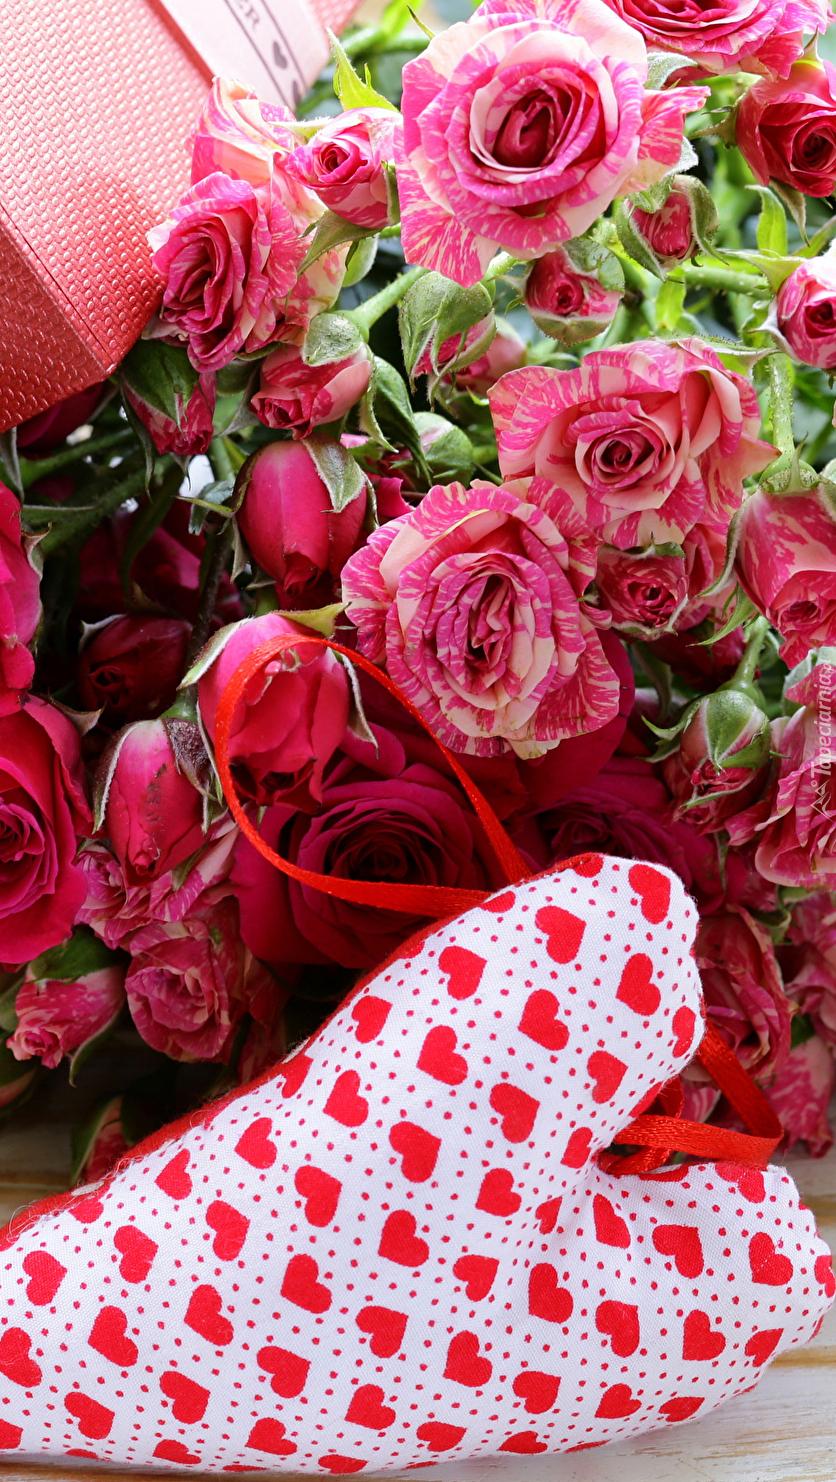 Serce obok bukietu róż